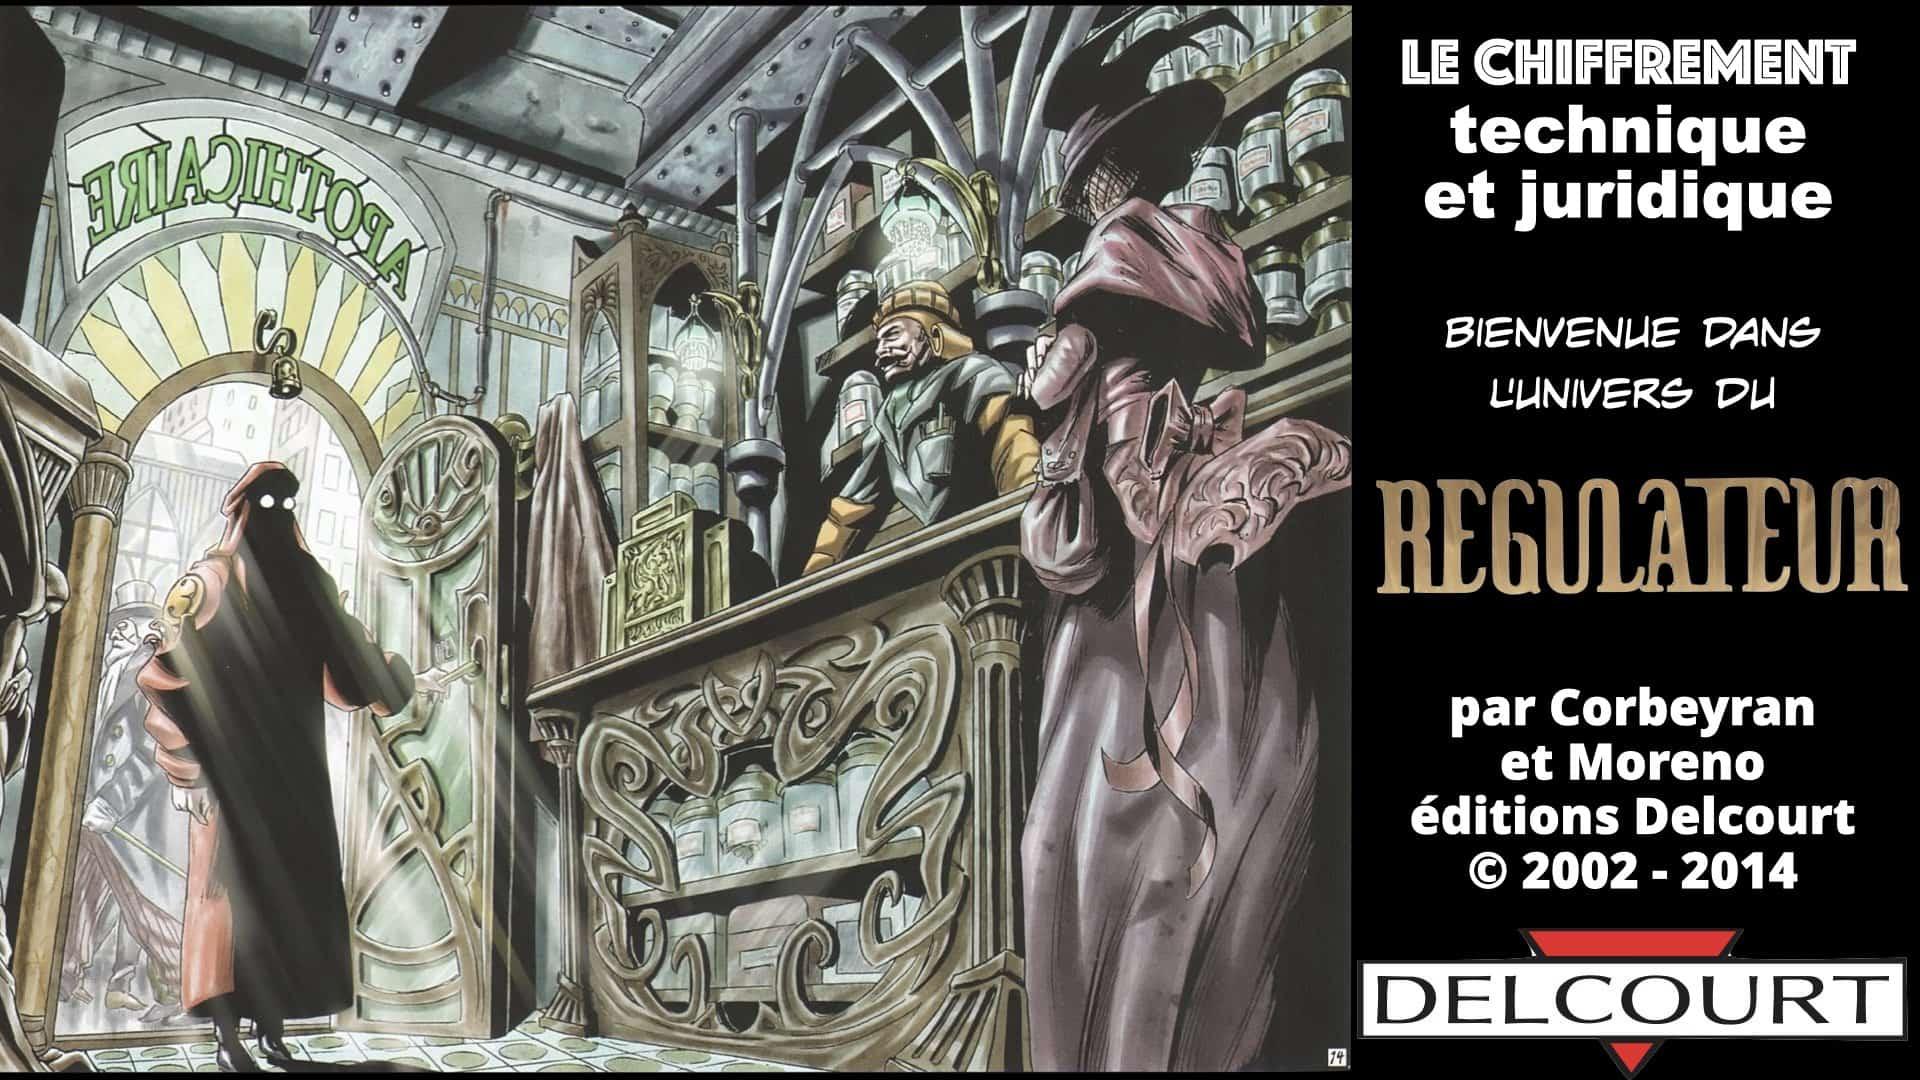 générique Delcourt Soleil 2021 ***16:9***.031